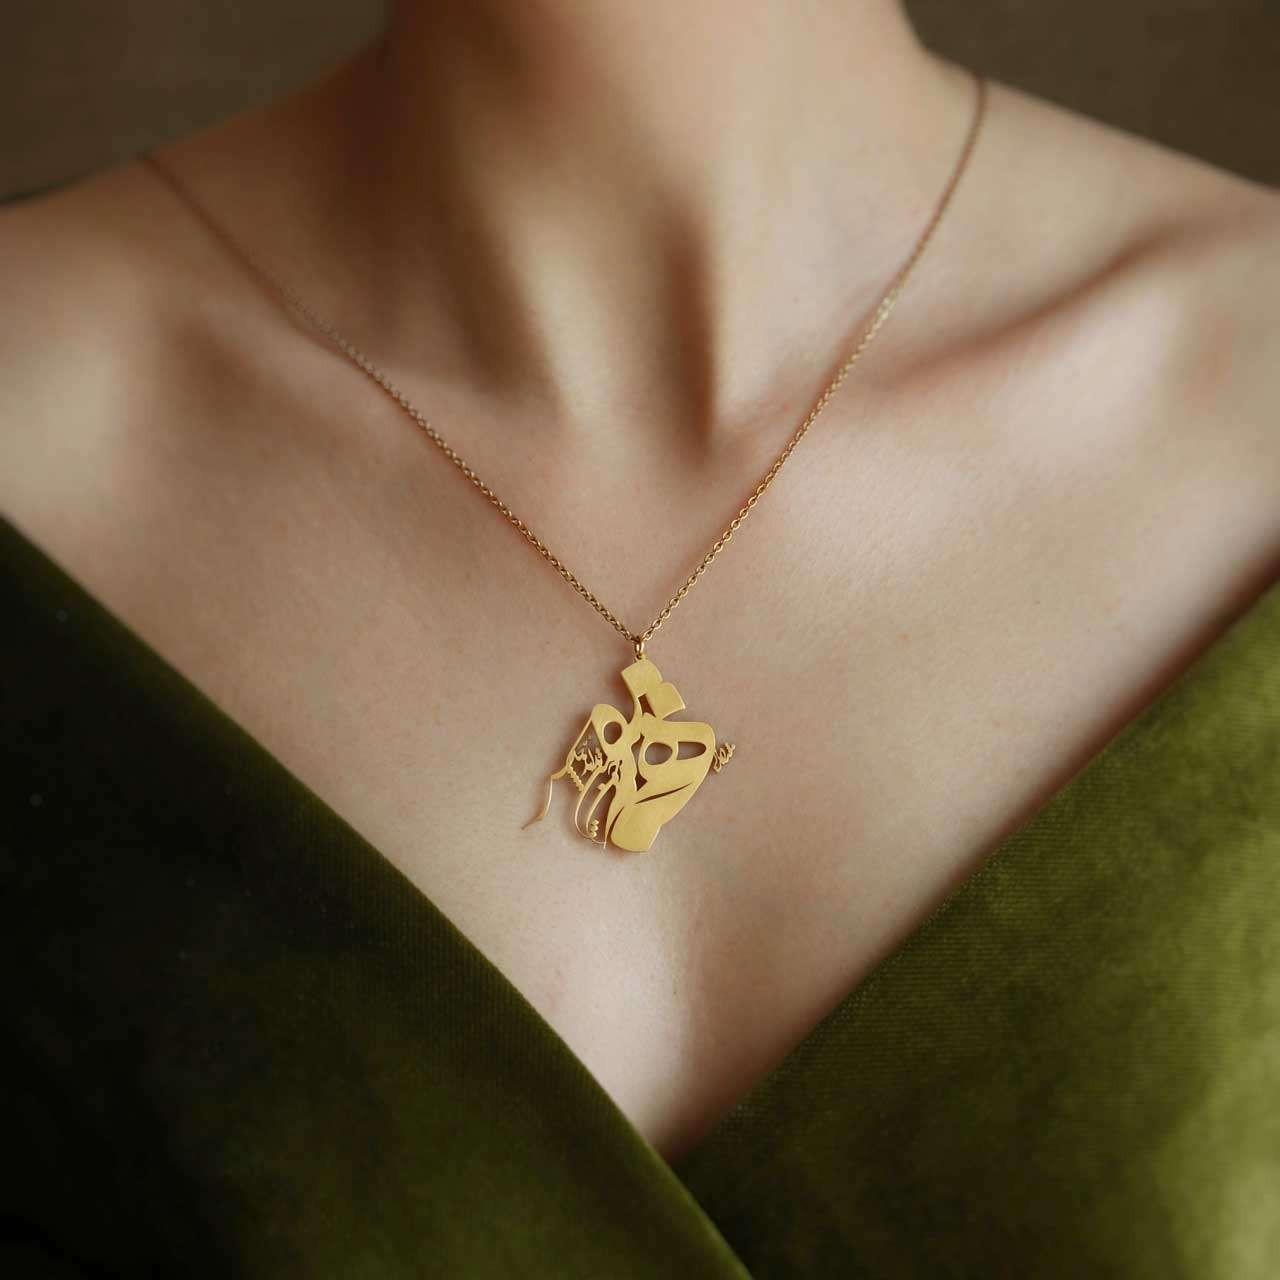 گردنبند طرح یار همنفس - نقره با روکش طلا